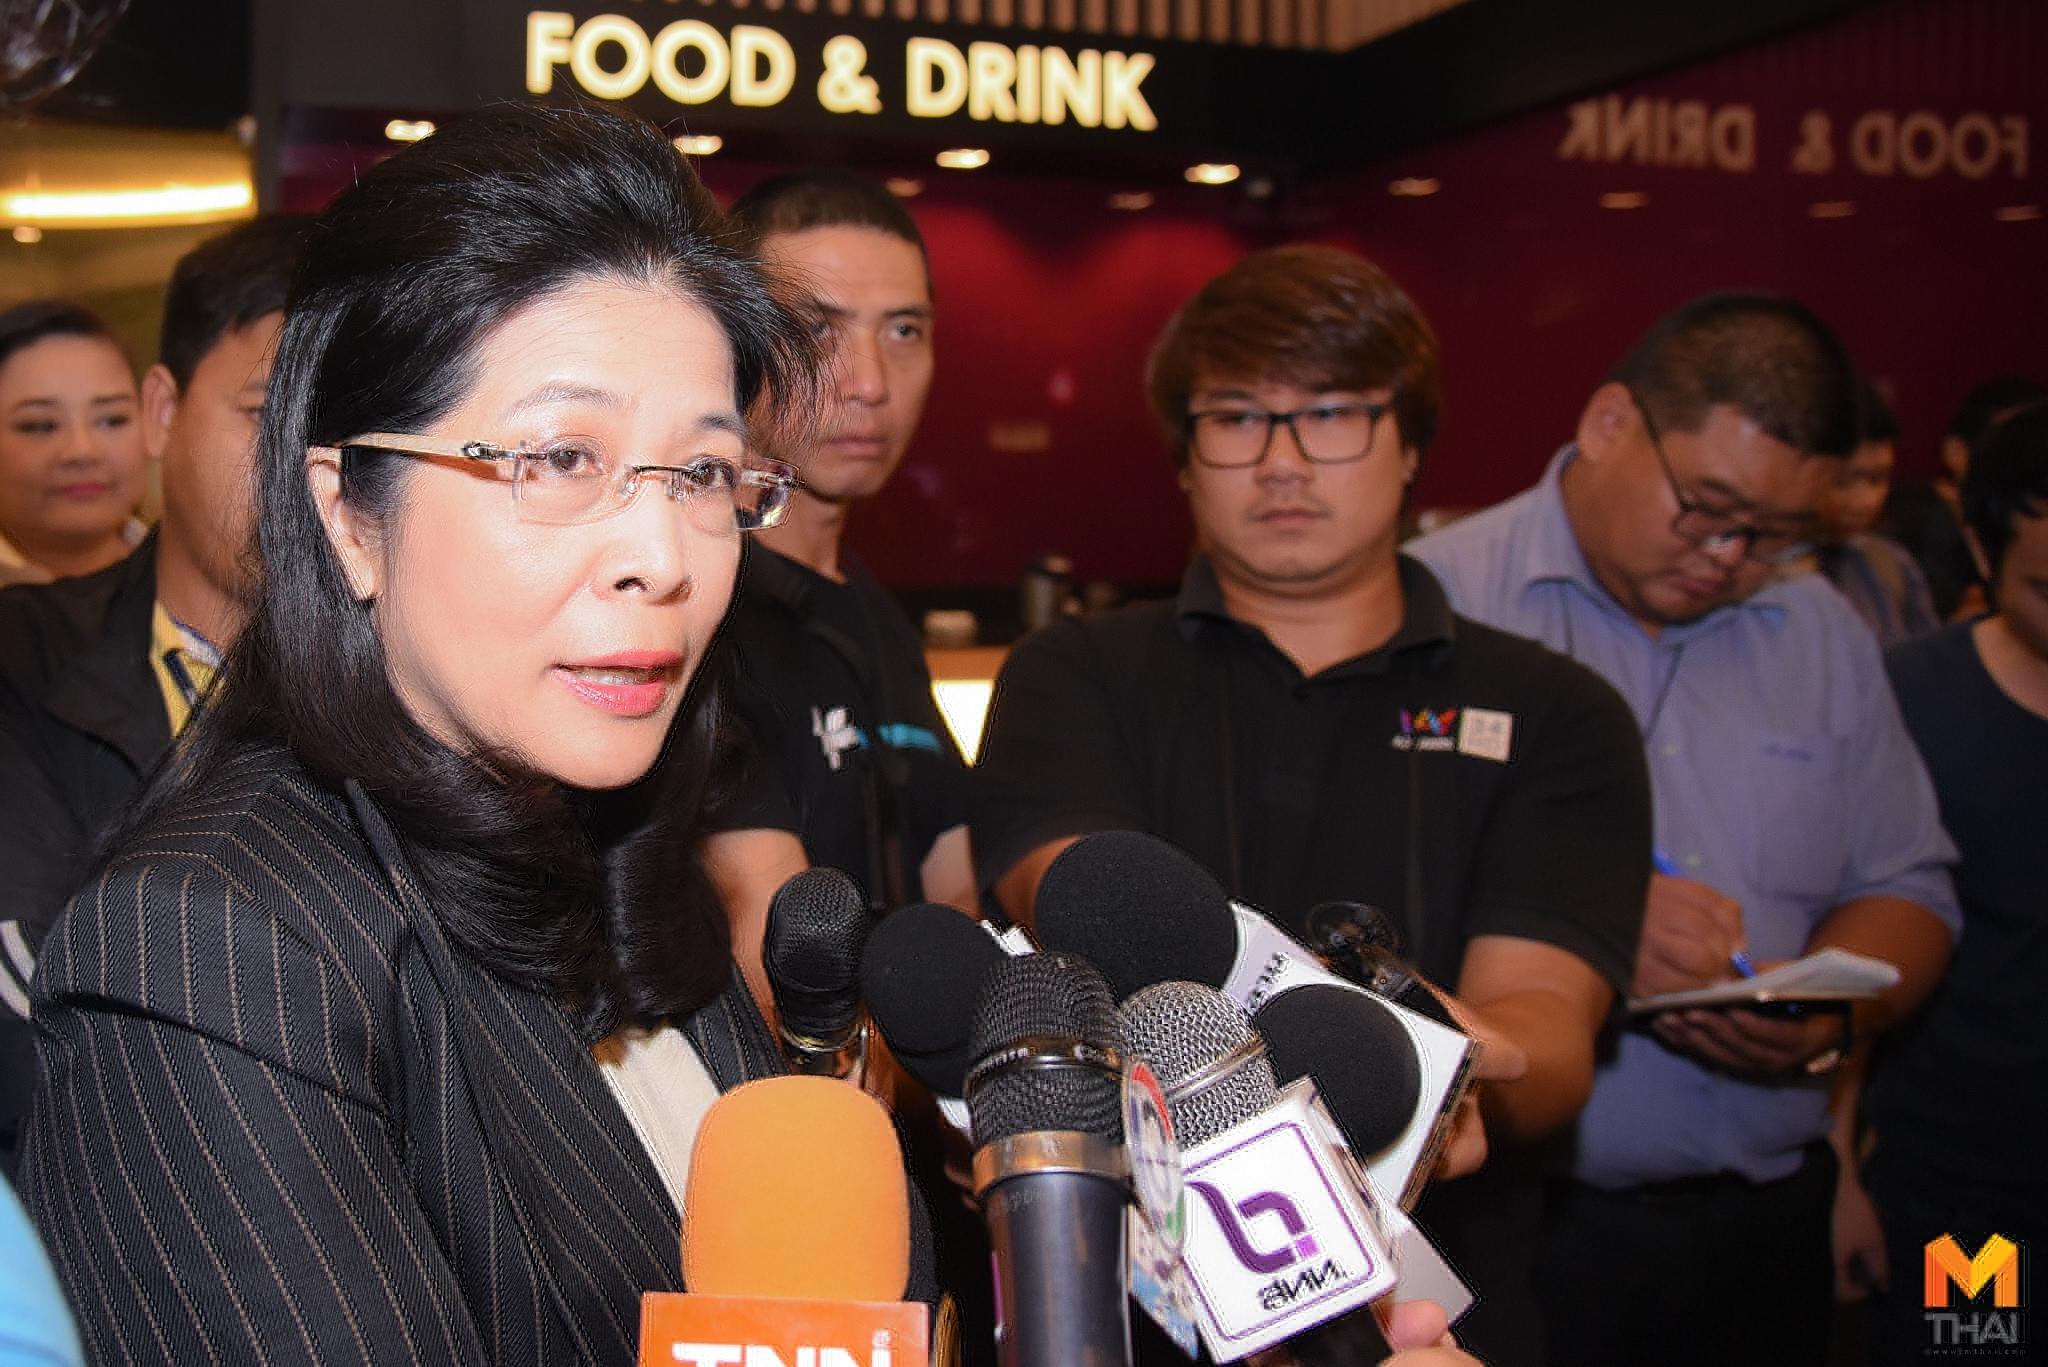 คุณหญิงสุดารัตน์ เกยุราพันธุ์ พรรคพลังประชารัฐ พรรคเพื่อไทย ระดมทุนโต๊ะจีน